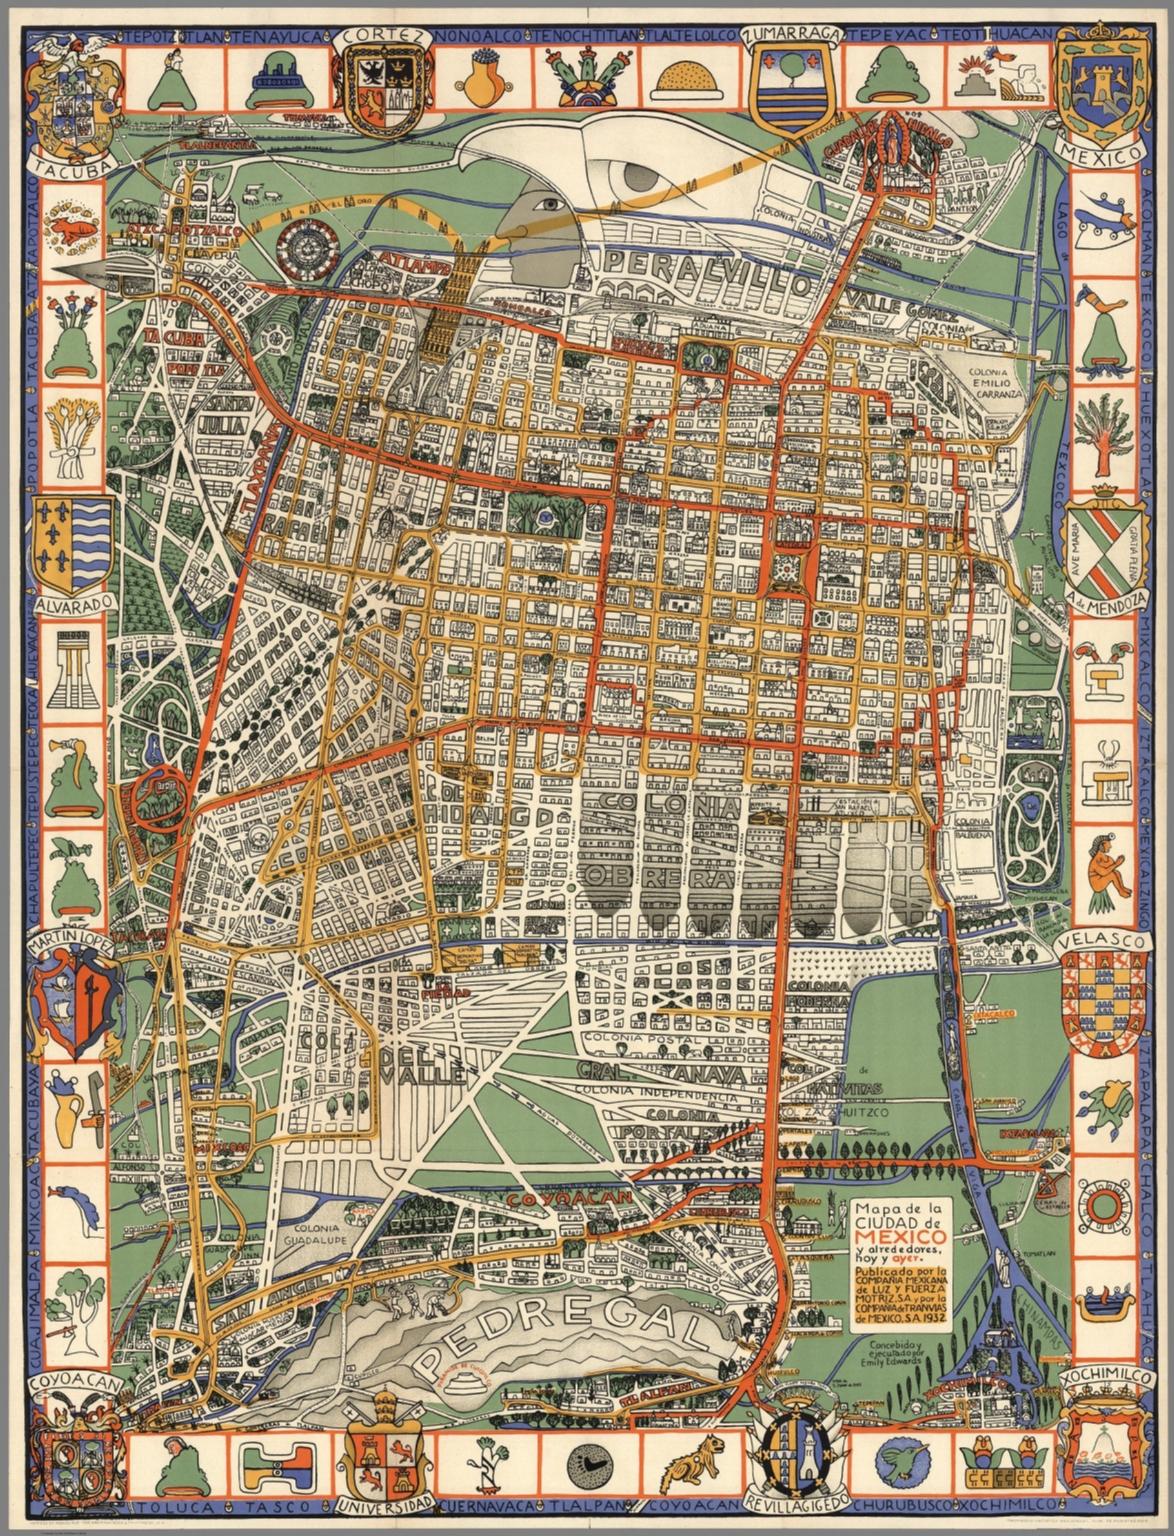 Mapa de la Ciudad de Mexico y alrededores, hoy y ayer.